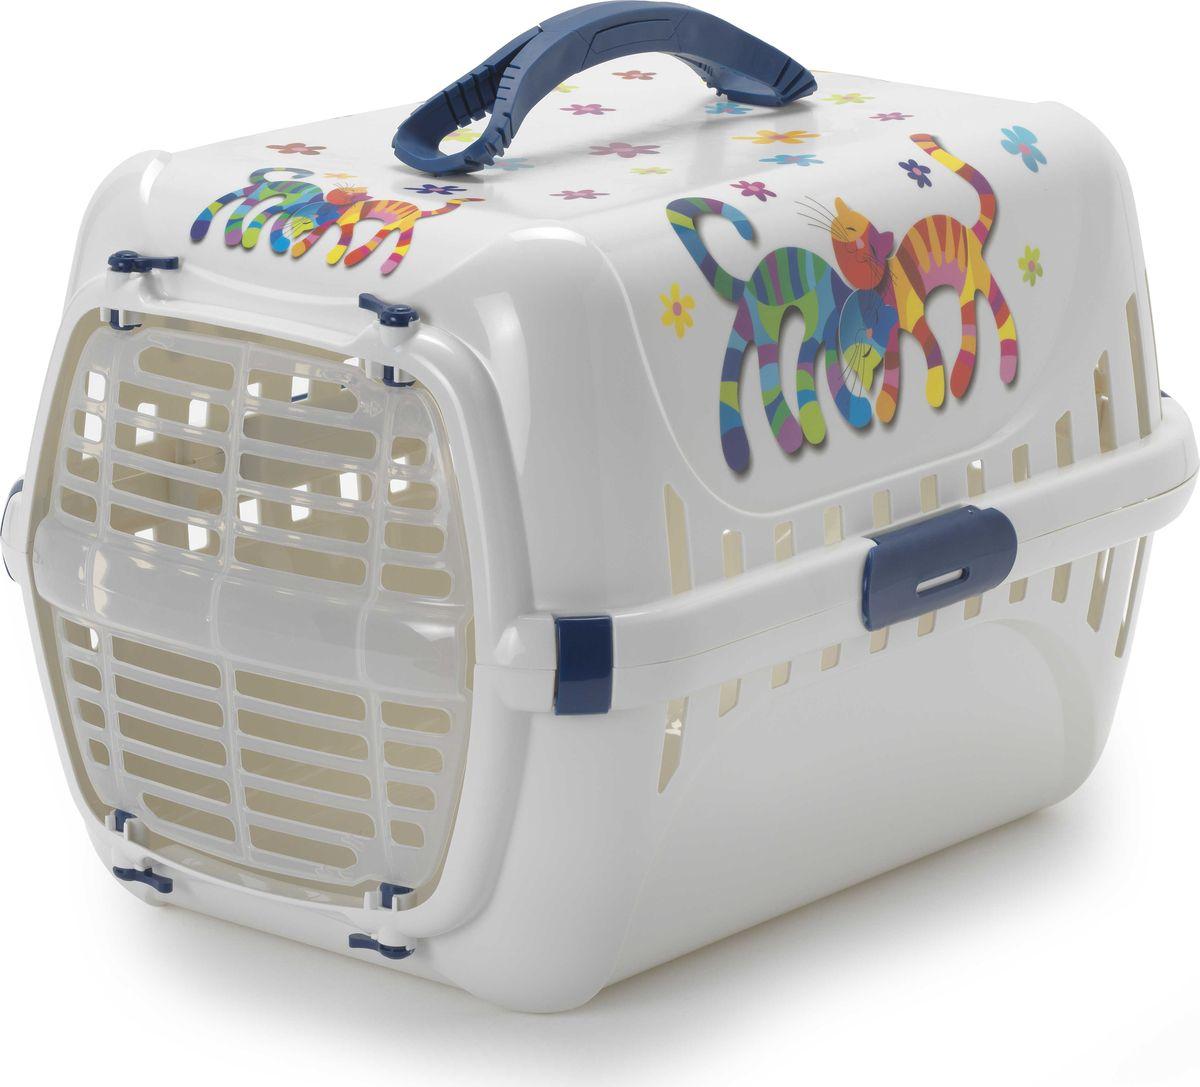 Переноска для животных Moderna Trendy Runner. Друзья навсегда, цвет: черничный, 51 x 31 x 34 см туалет moderna trendy cat домик для кошек с рисунком друзья навсегда 50 39 37